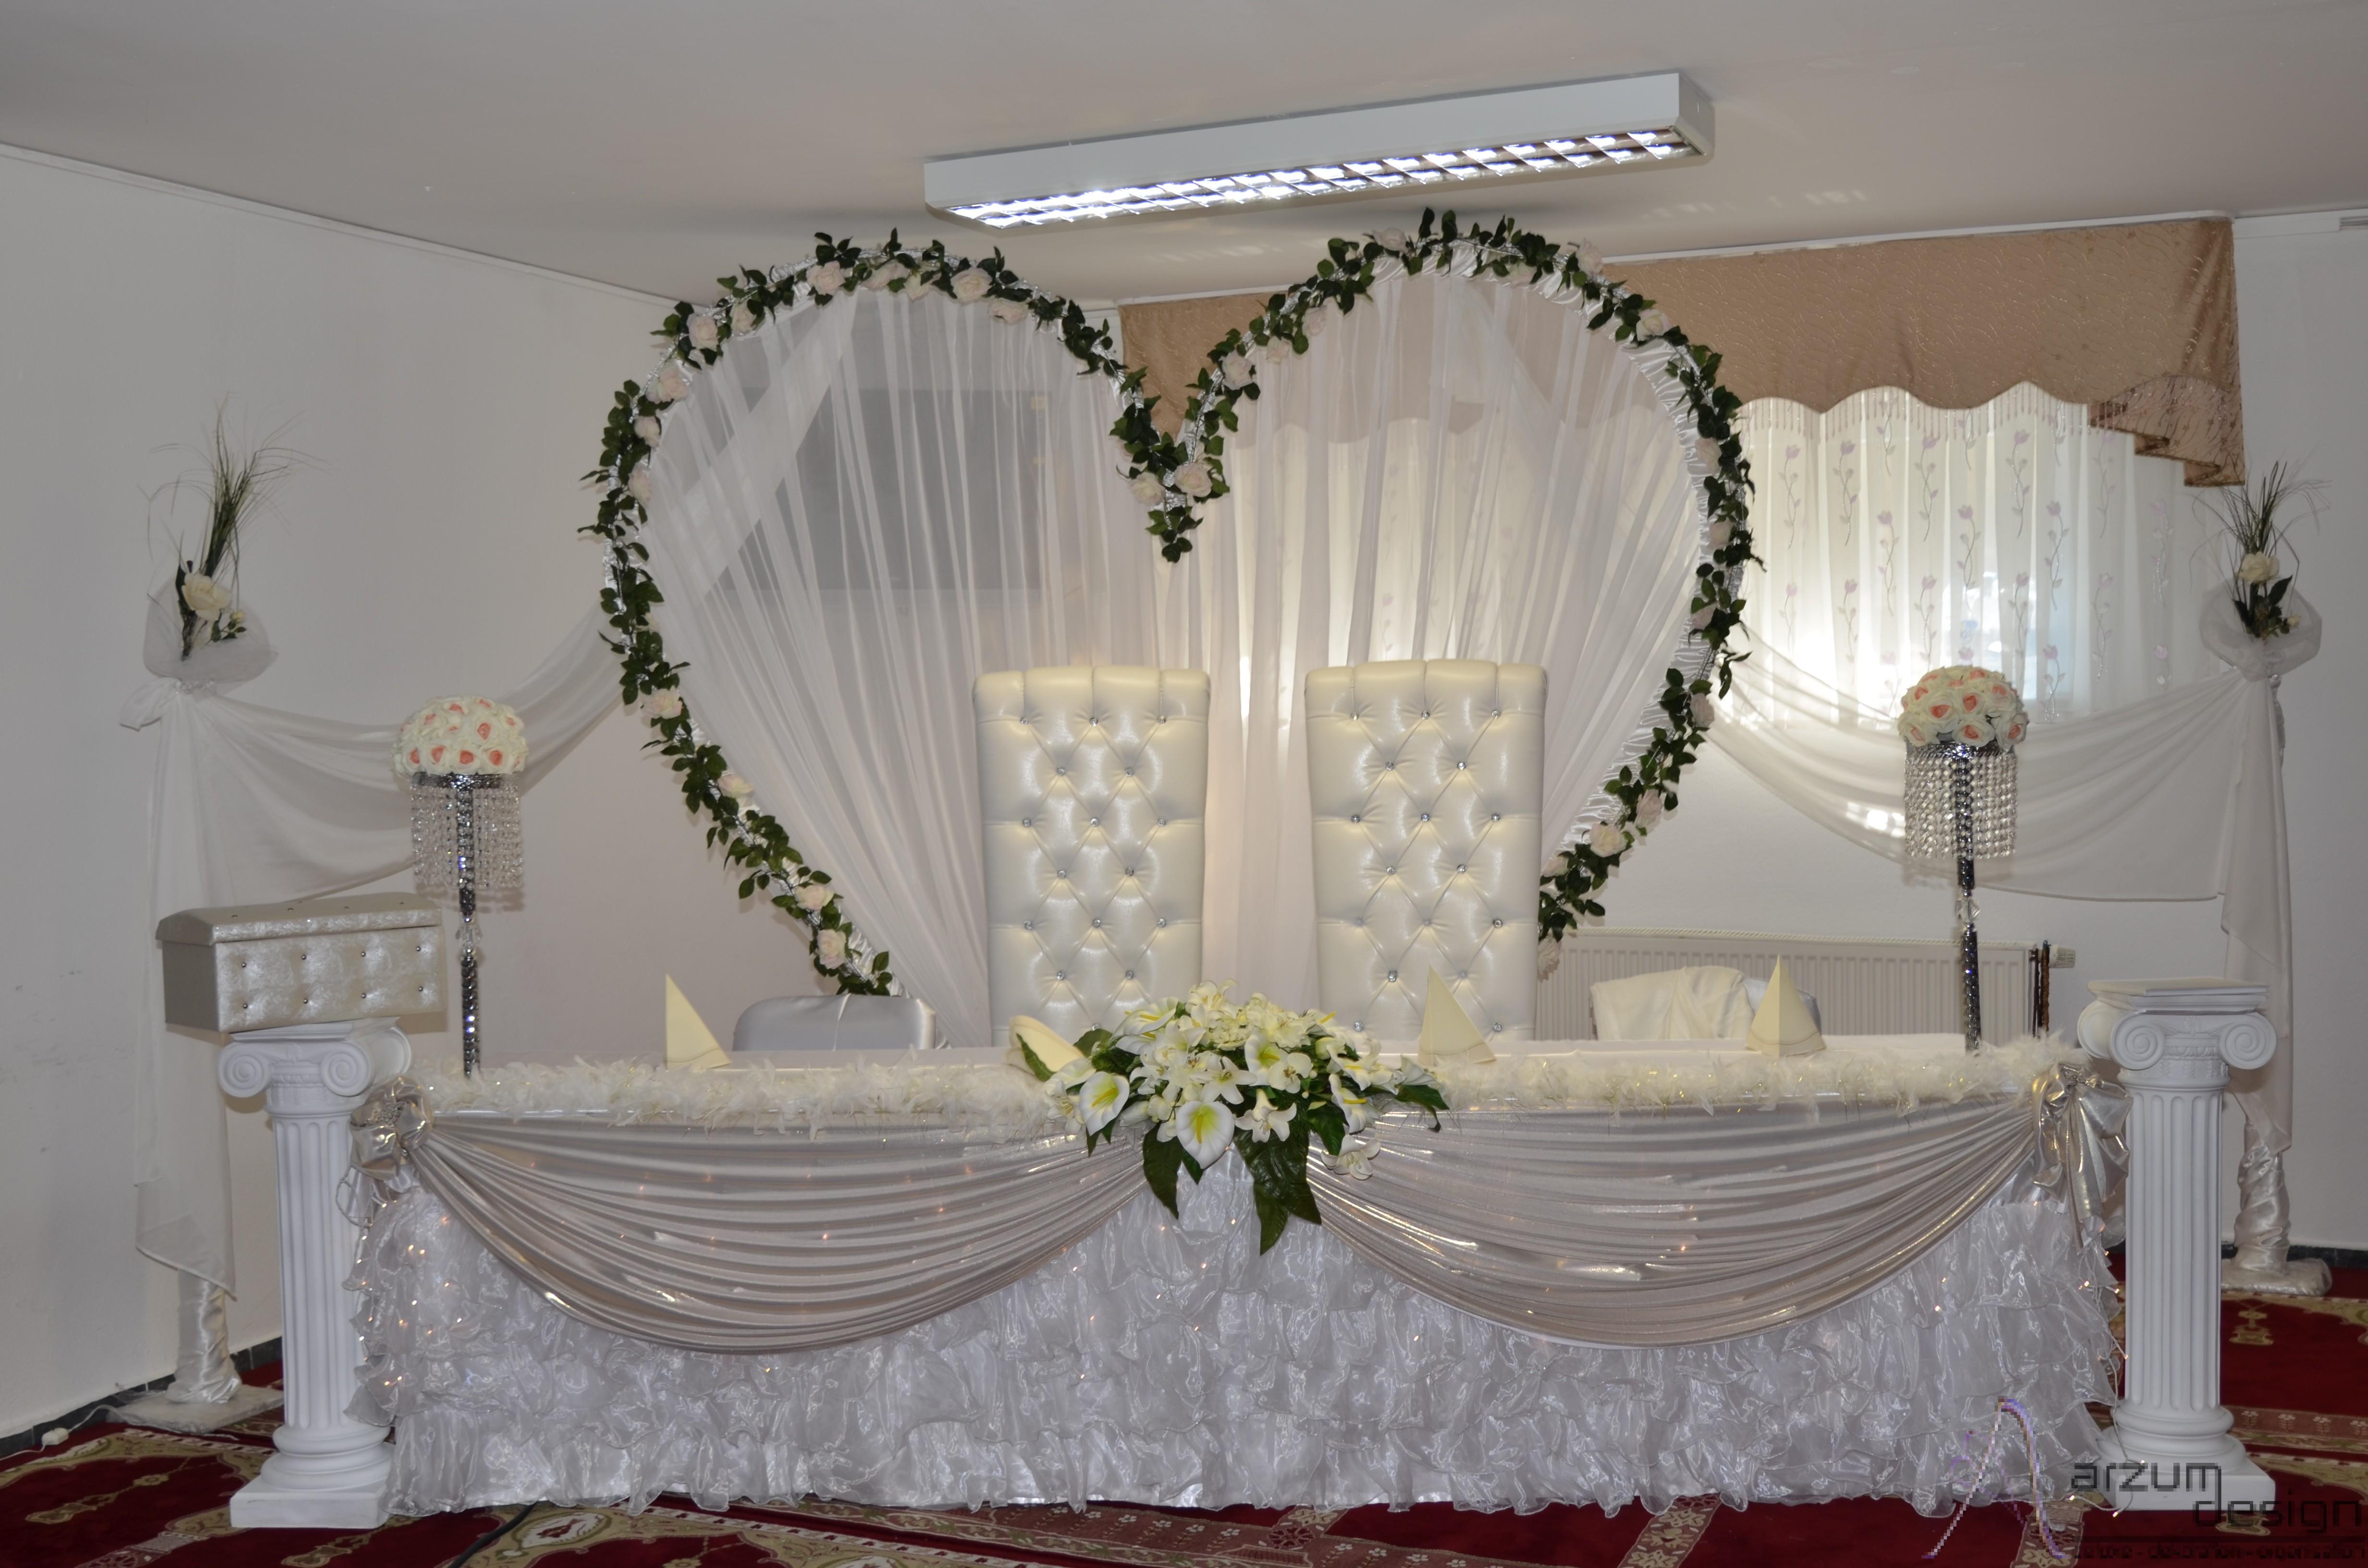 herz arzum design deluxe dekoration organisation hochzeit u events planen in raum. Black Bedroom Furniture Sets. Home Design Ideas